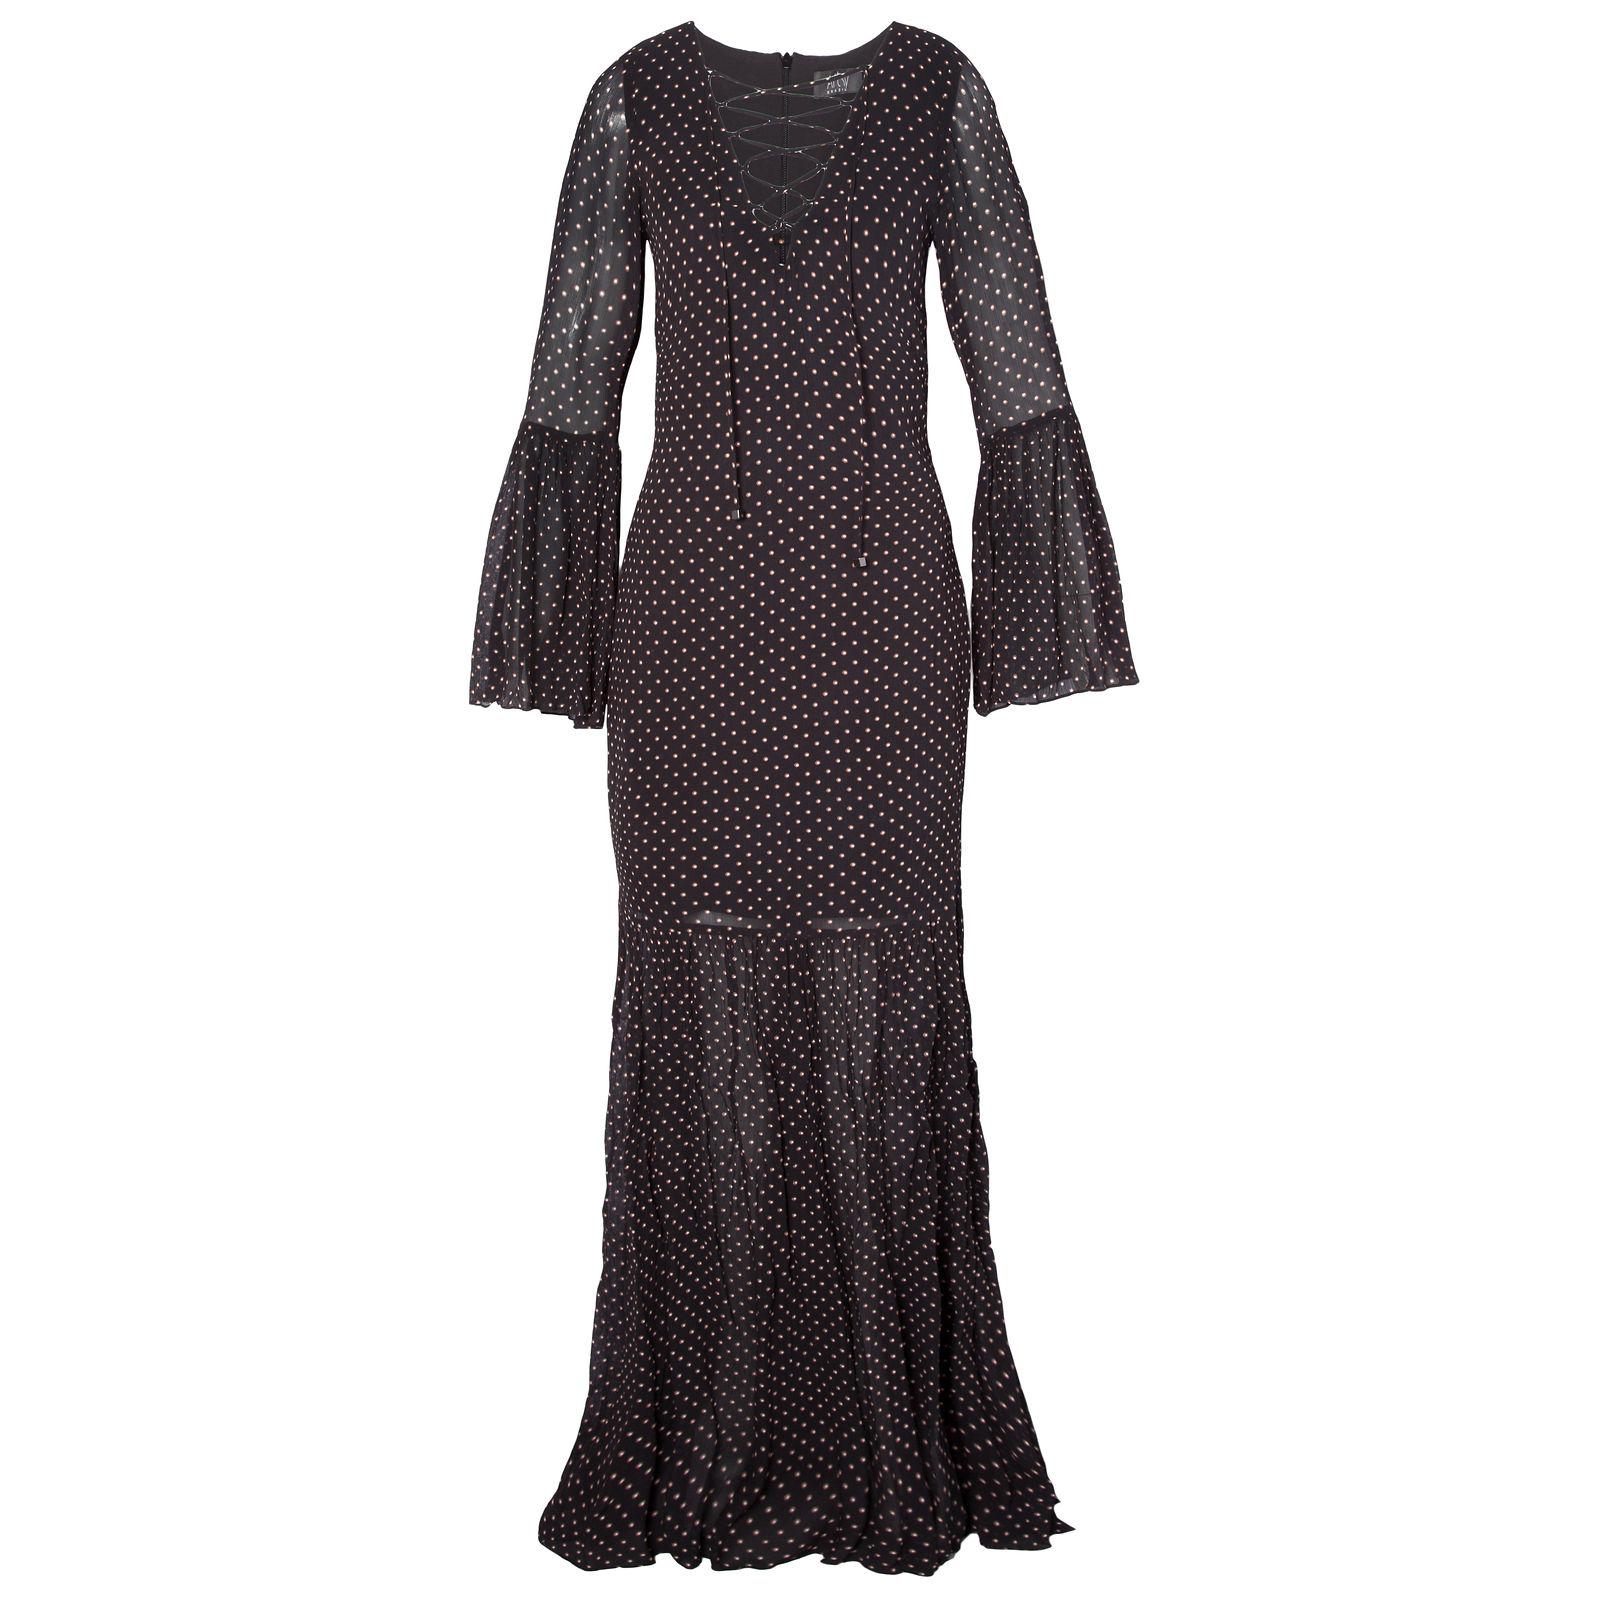 Vestido Longo Poás - Preto